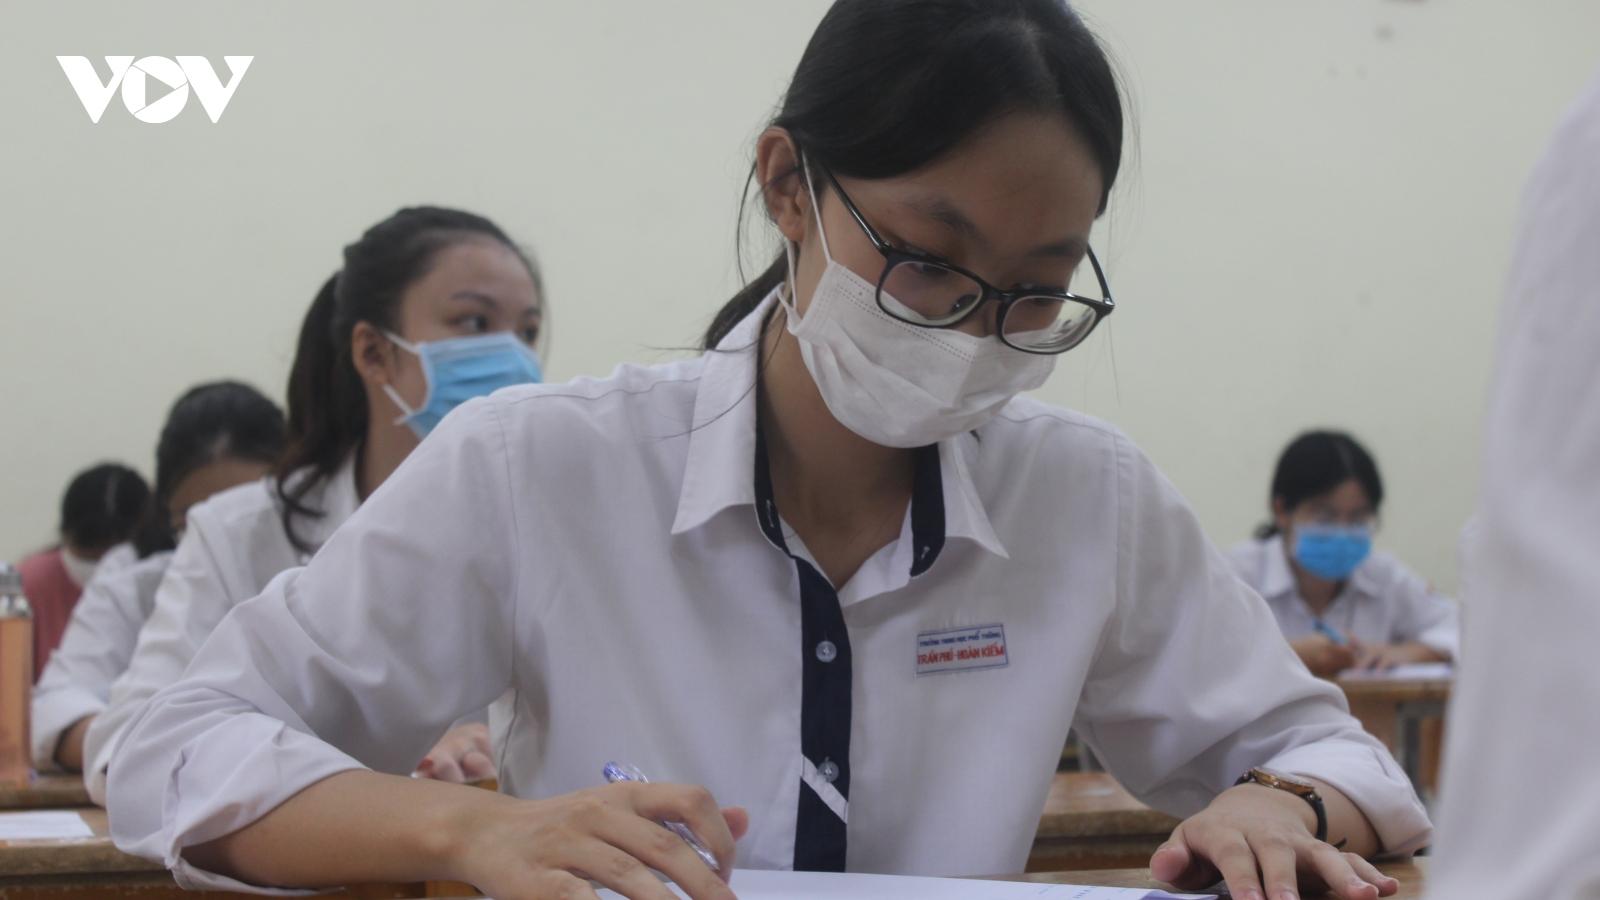 Bộ GD-ĐT bổ sung phương án tuyển sinh đại học với thí sinh không thi tốt nghiệp do dịch